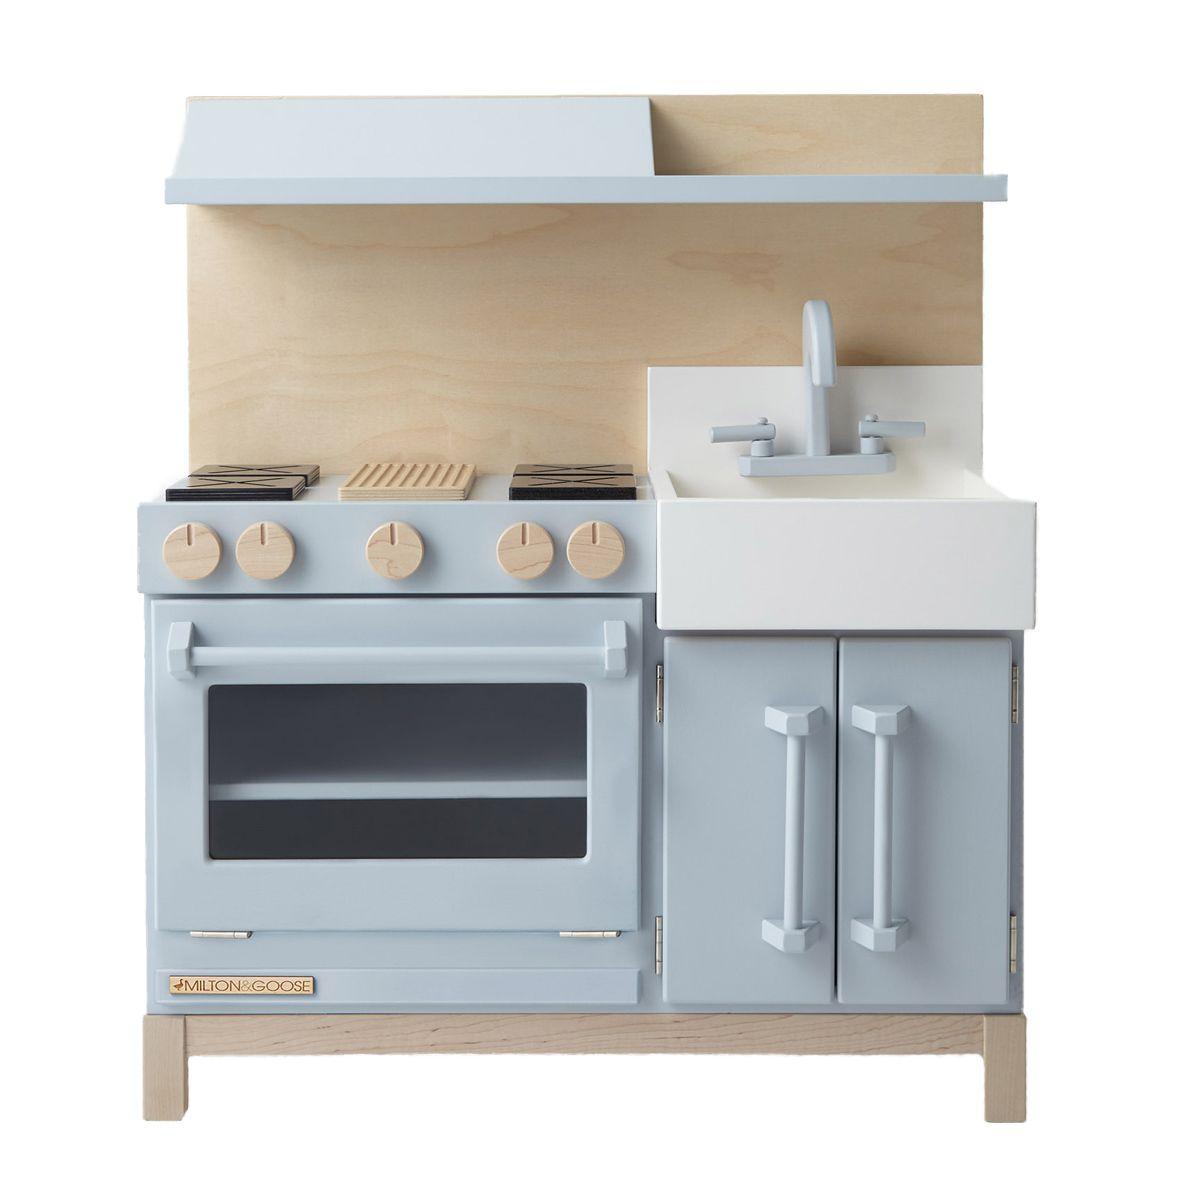 Famous Babies Kitchen Illustration - Bathtub Ideas - dilata.info